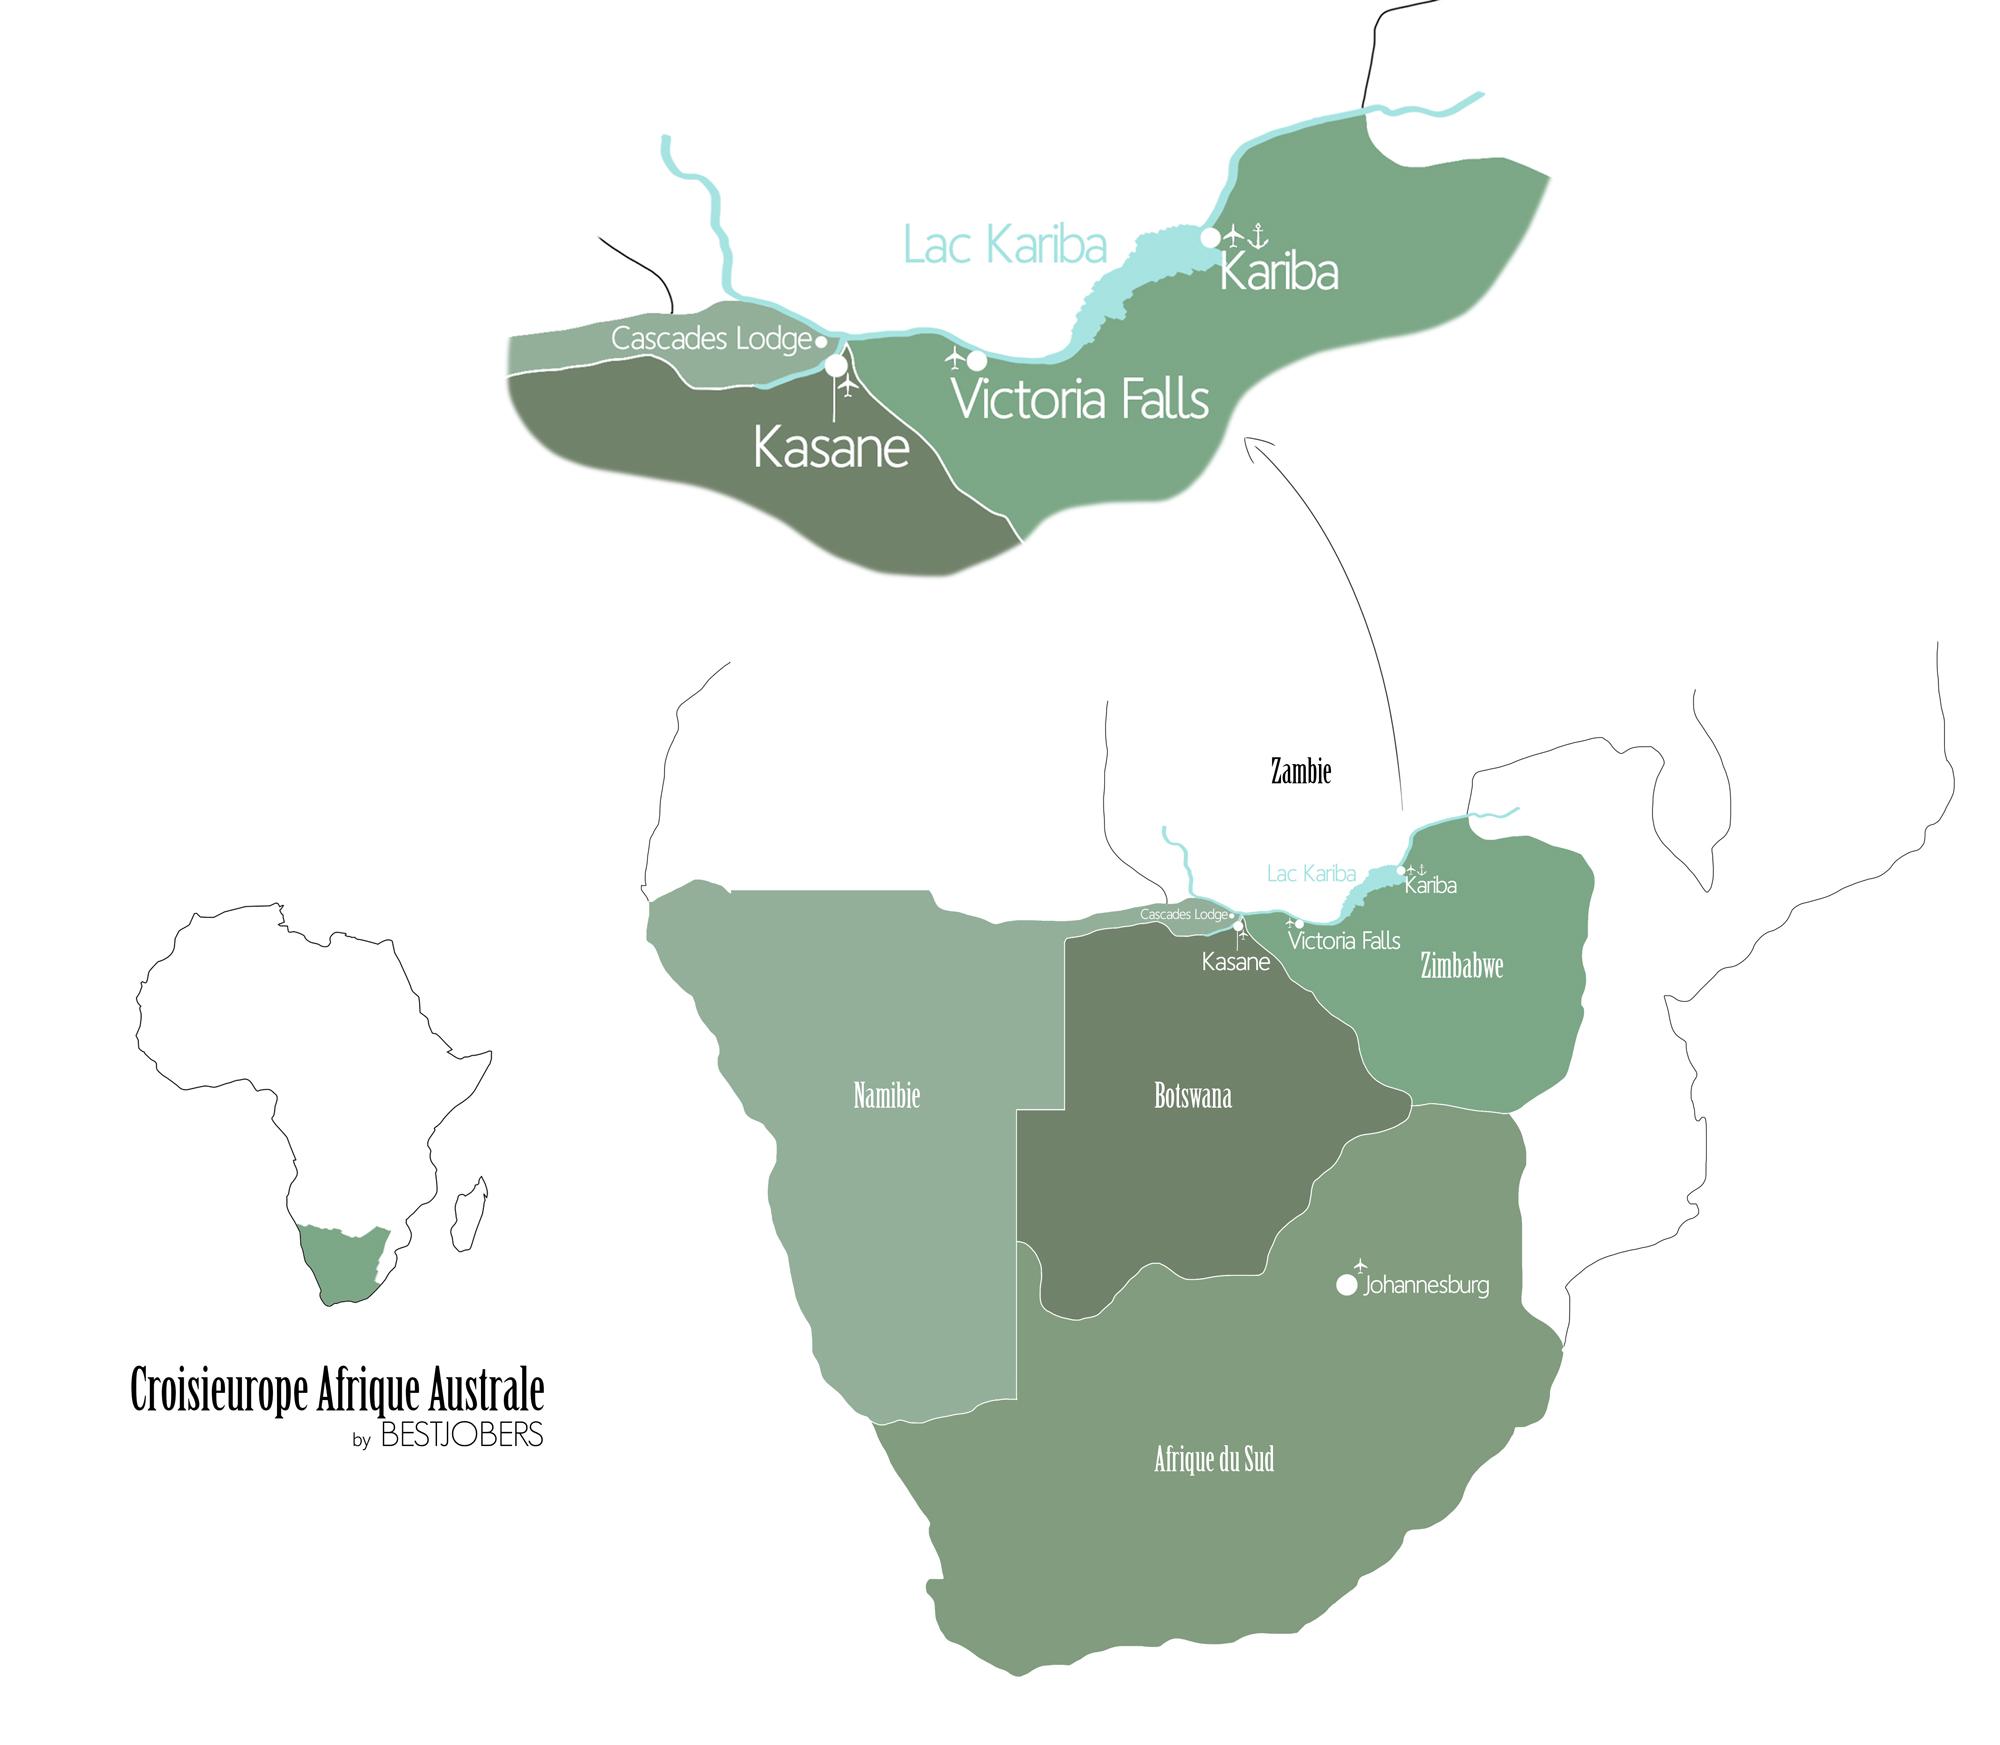 Croisieurope Afrique Australe Carte du Voyage